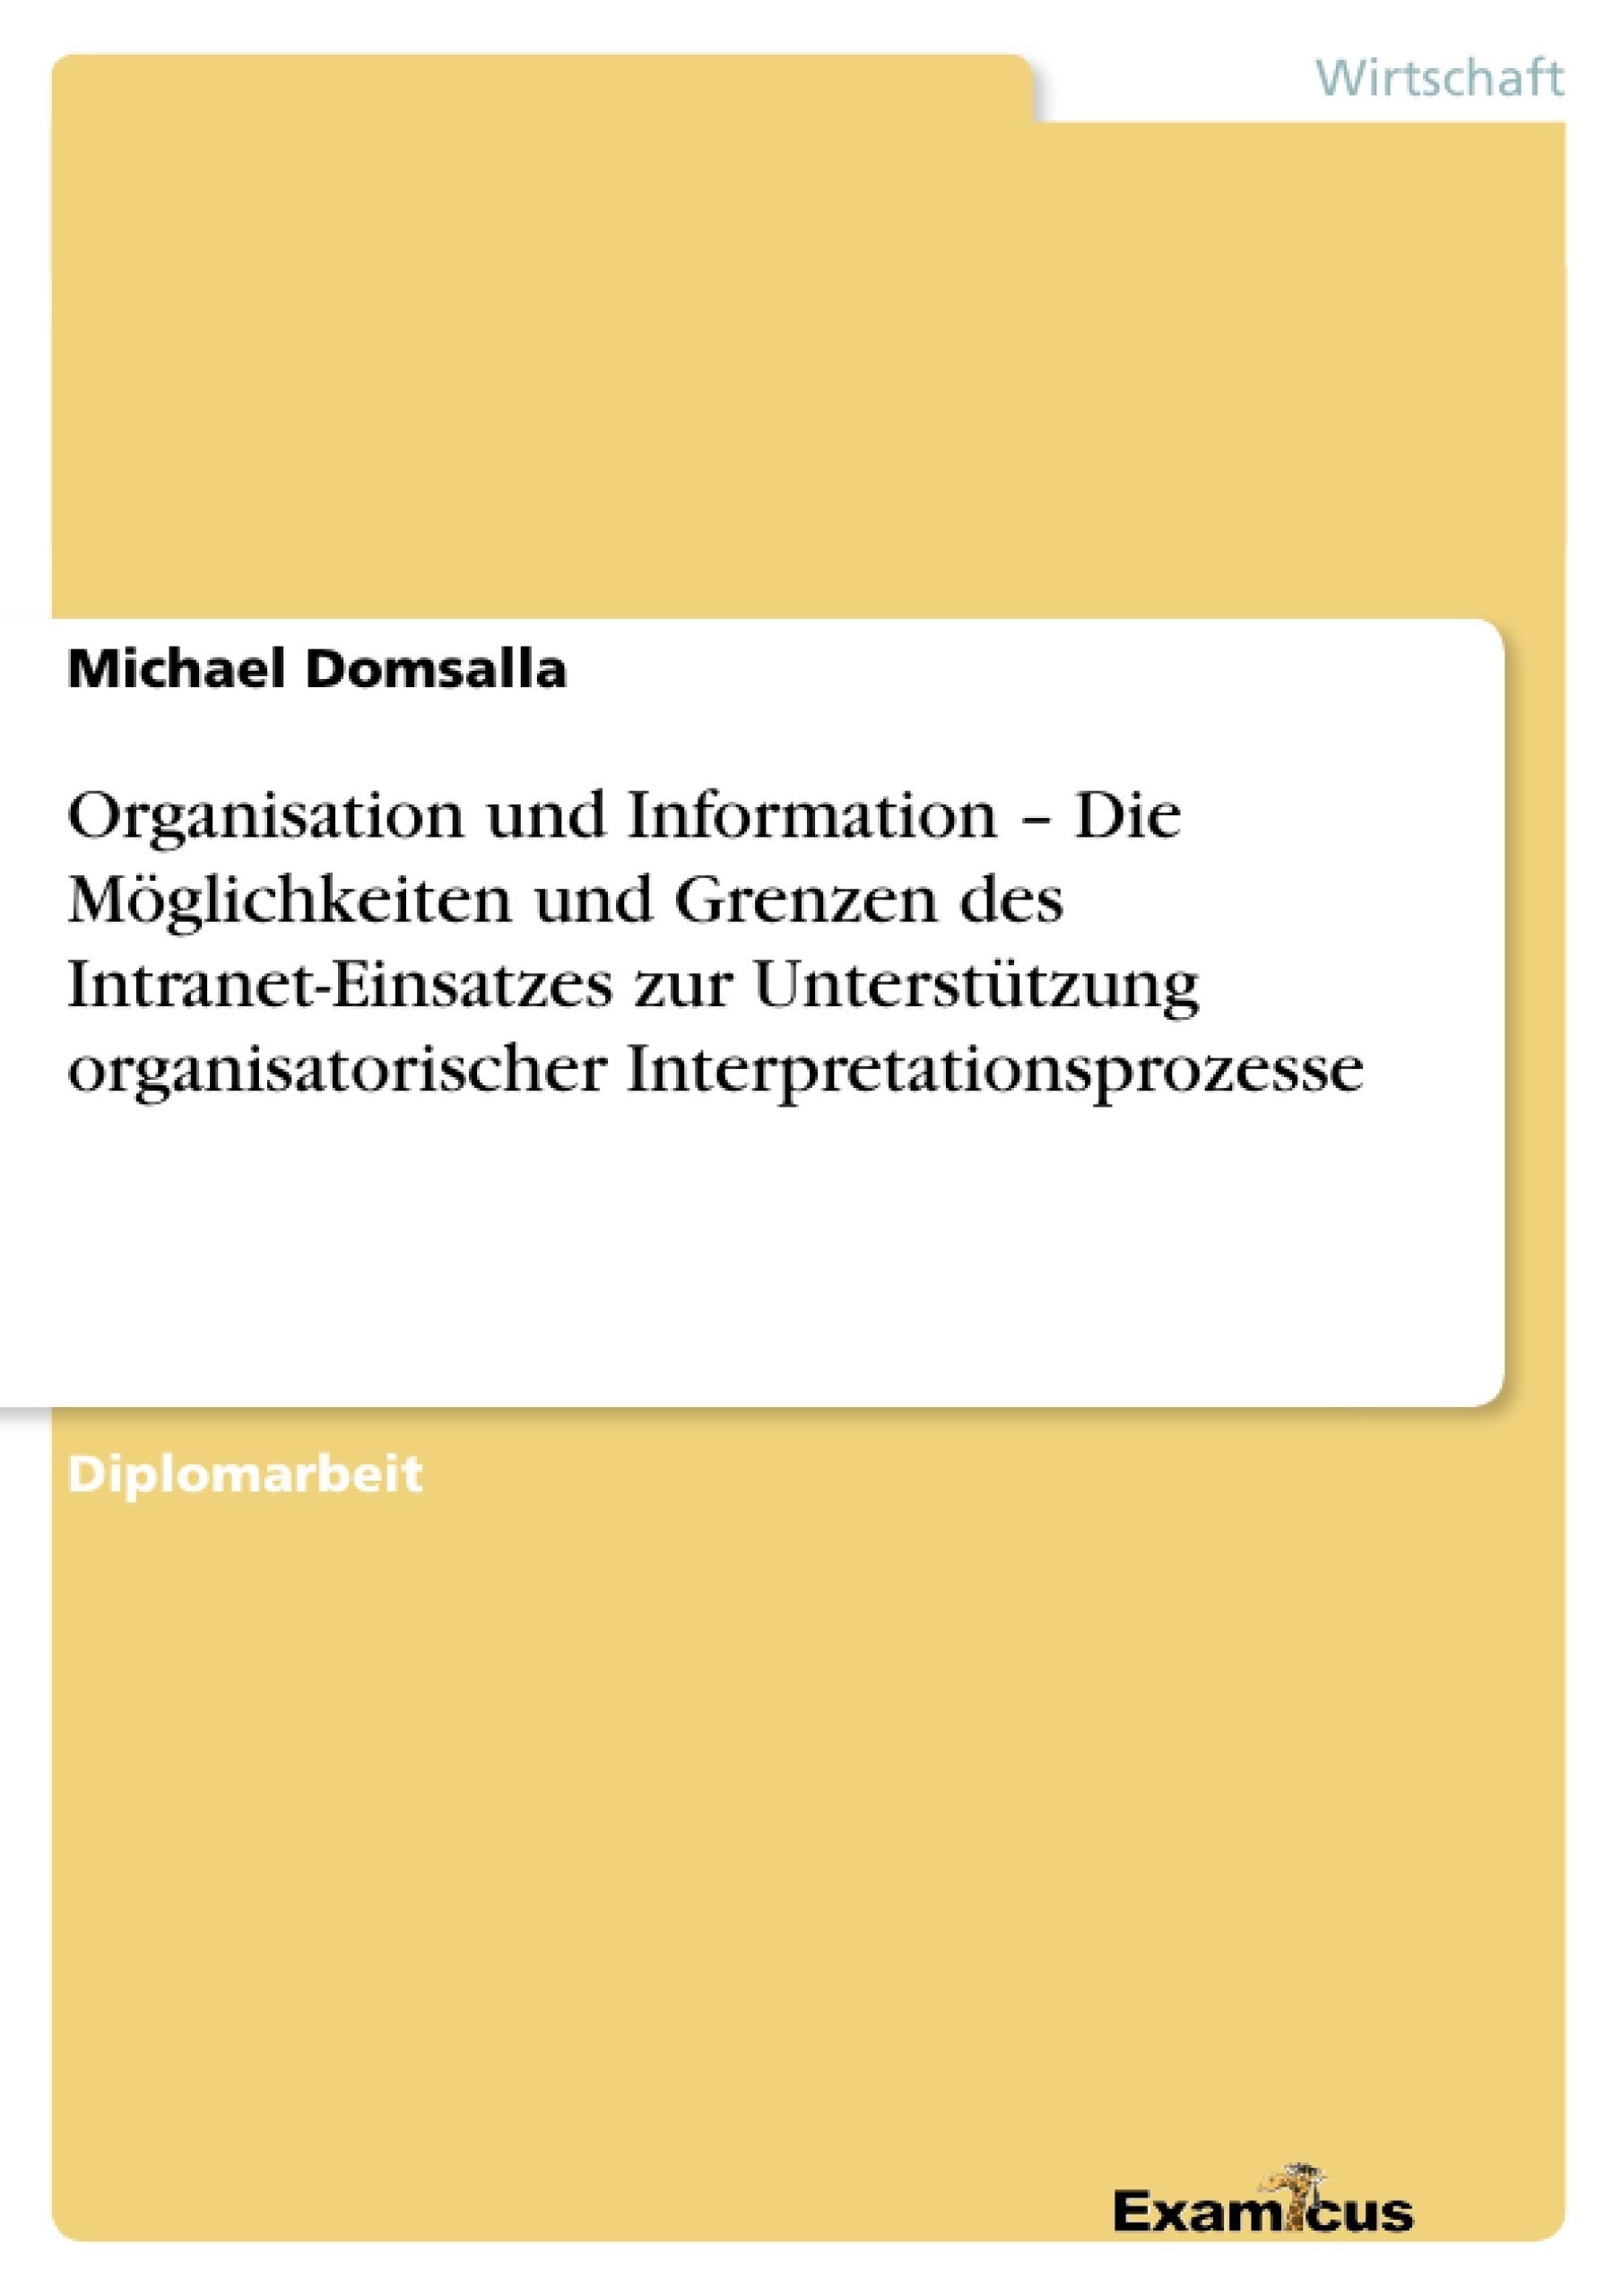 Titel: Organisation und Information – Die Möglichkeiten und Grenzen des Intranet-Einsatzes zur Unterstützung organisatorischer Interpretationsprozesse